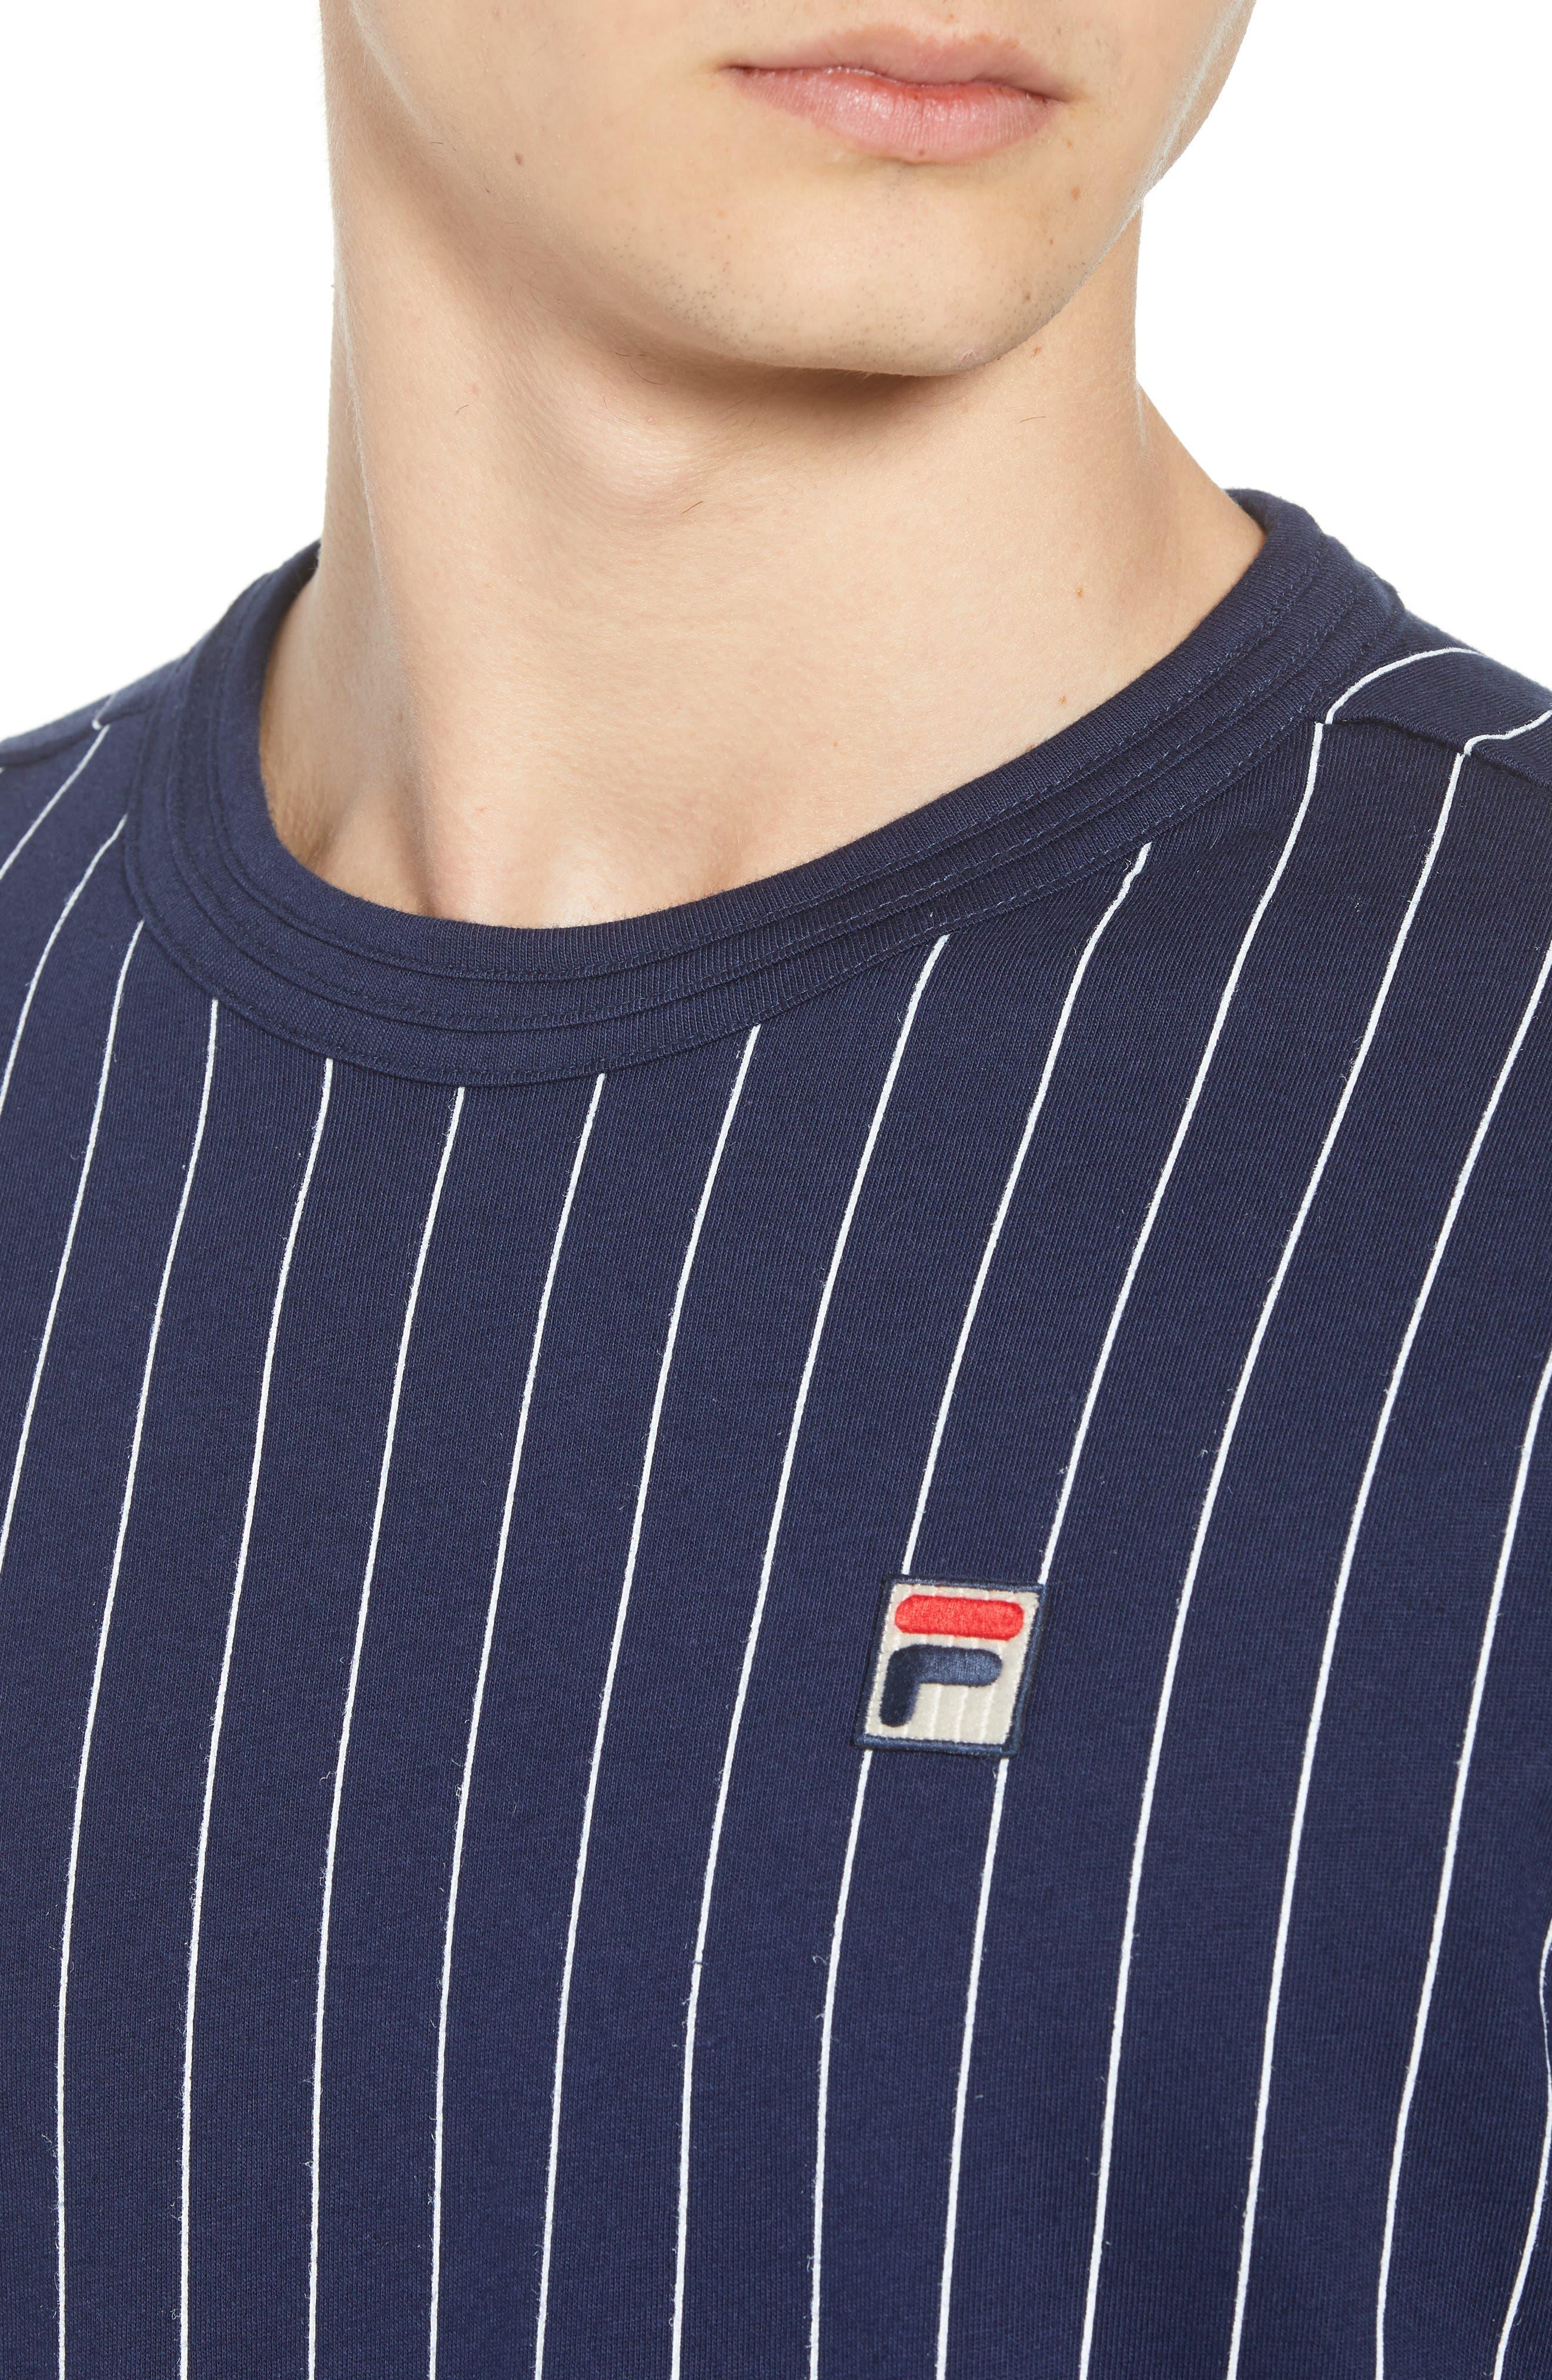 Guilo T-Shirt,                             Alternate thumbnail 4, color,                             PEACOAT/ WHITE